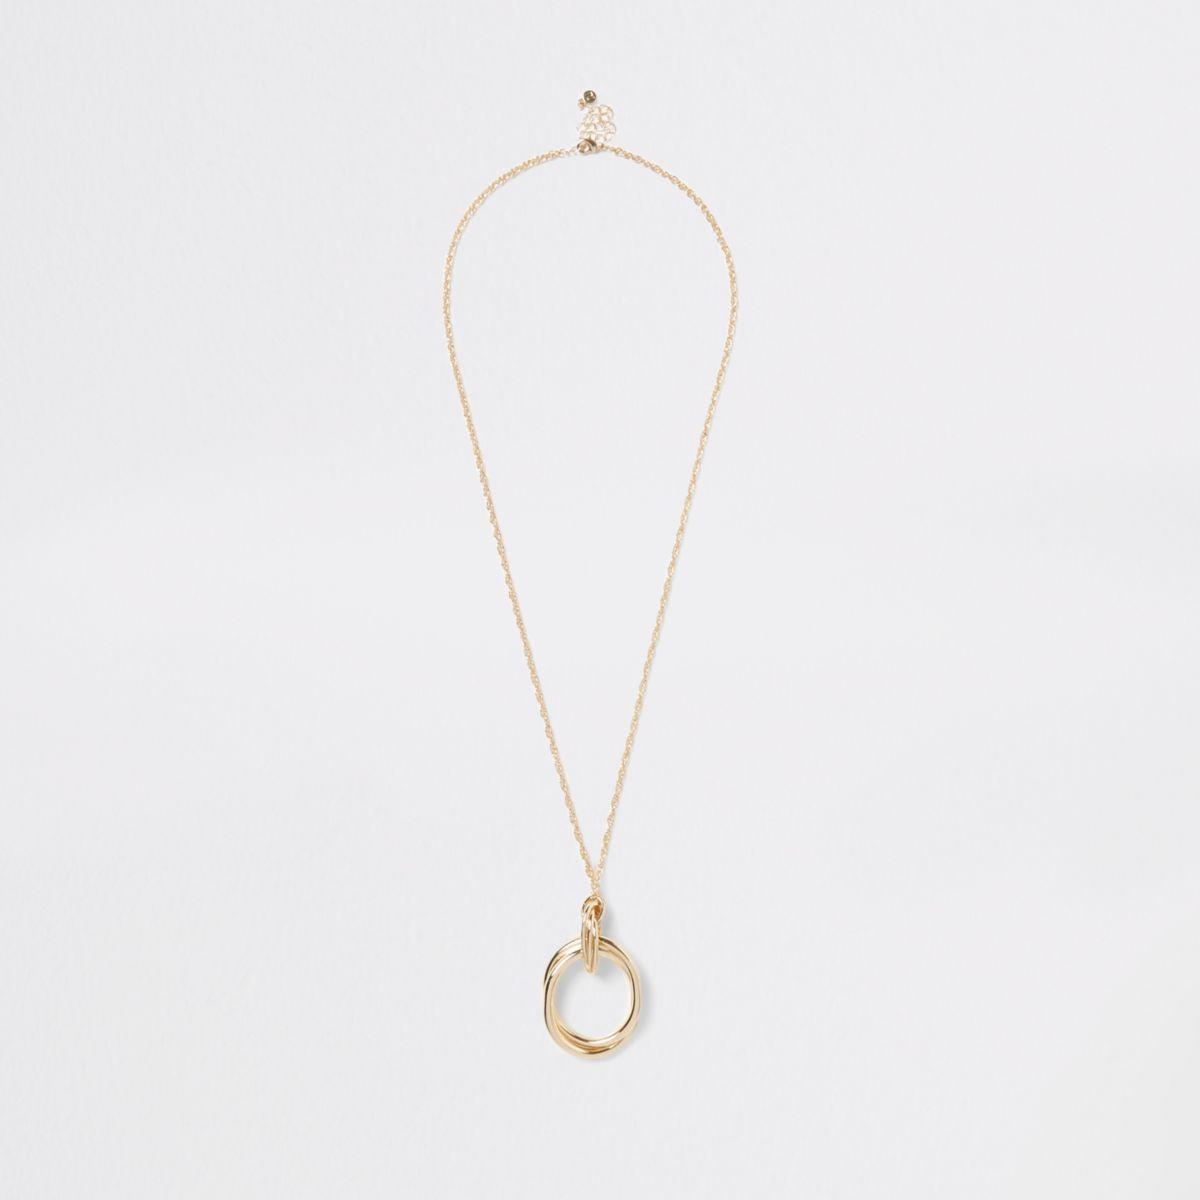 Gold color long circle pendant necklace